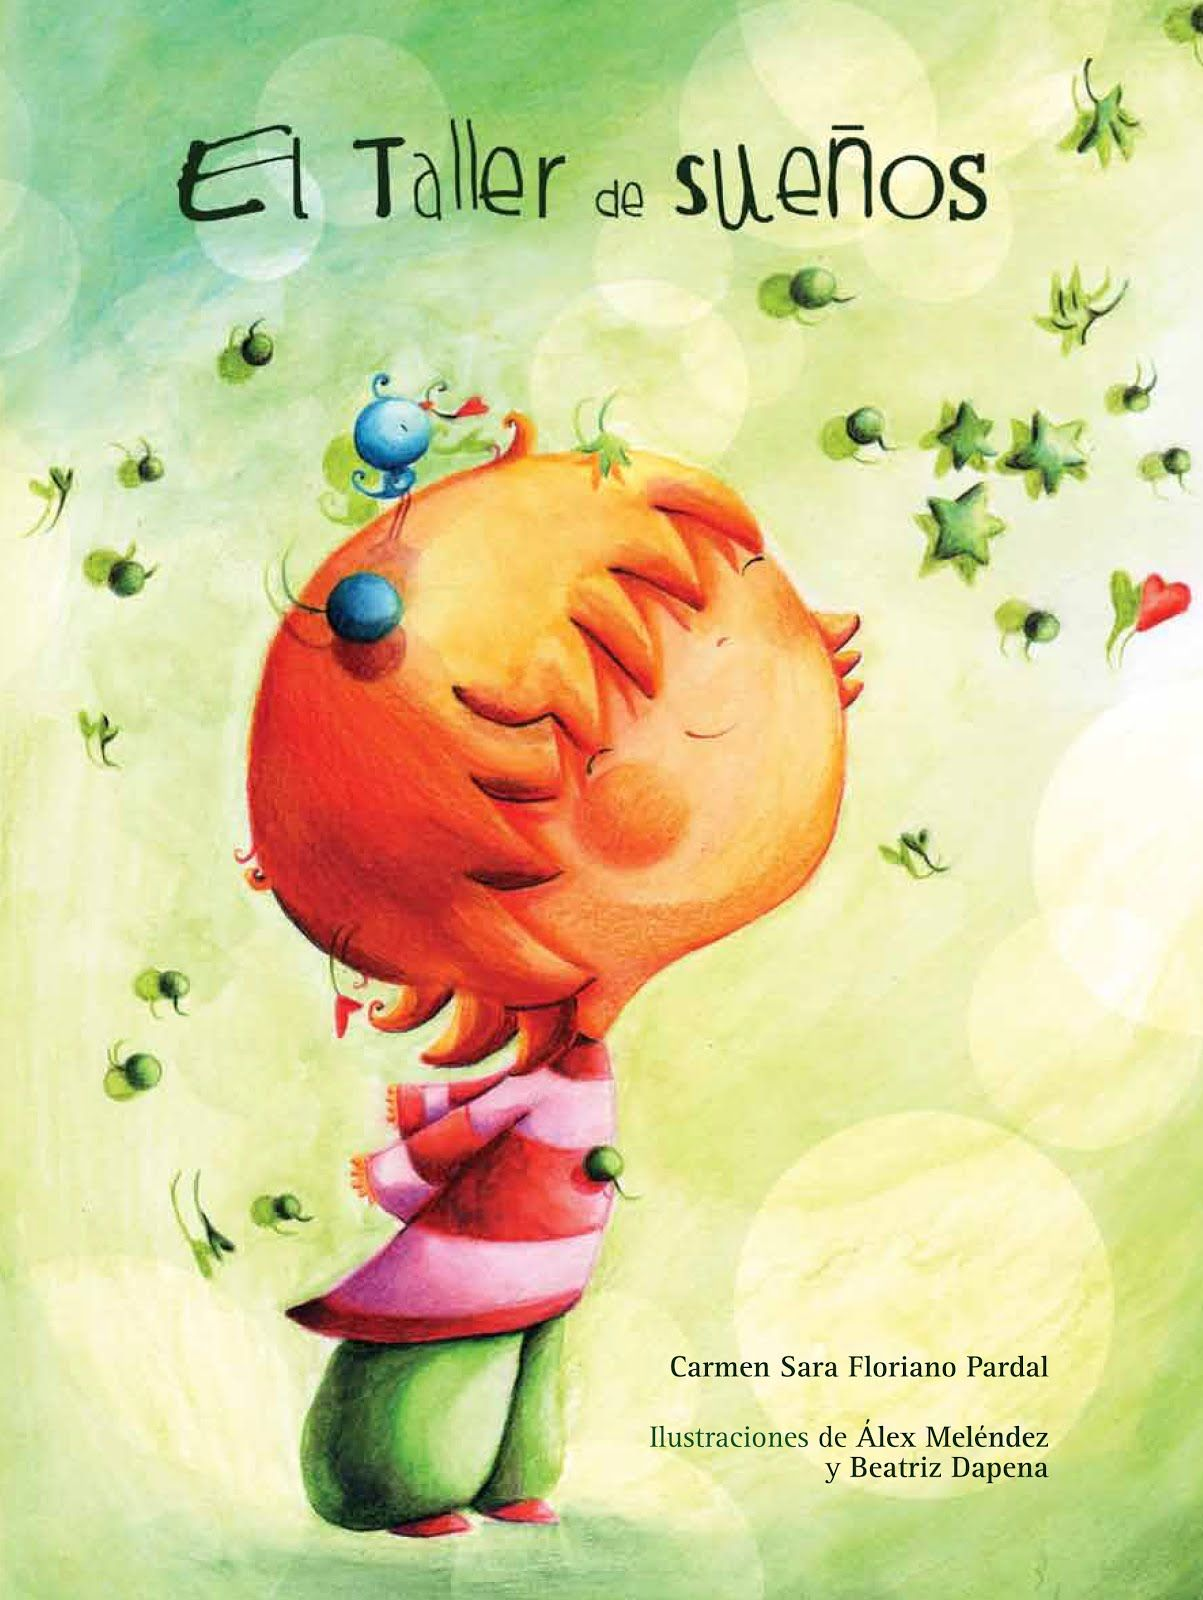 140 Ideas De Cuentos Infantiles Ilustrados Cuentos Cuento Infantiles Infantiles